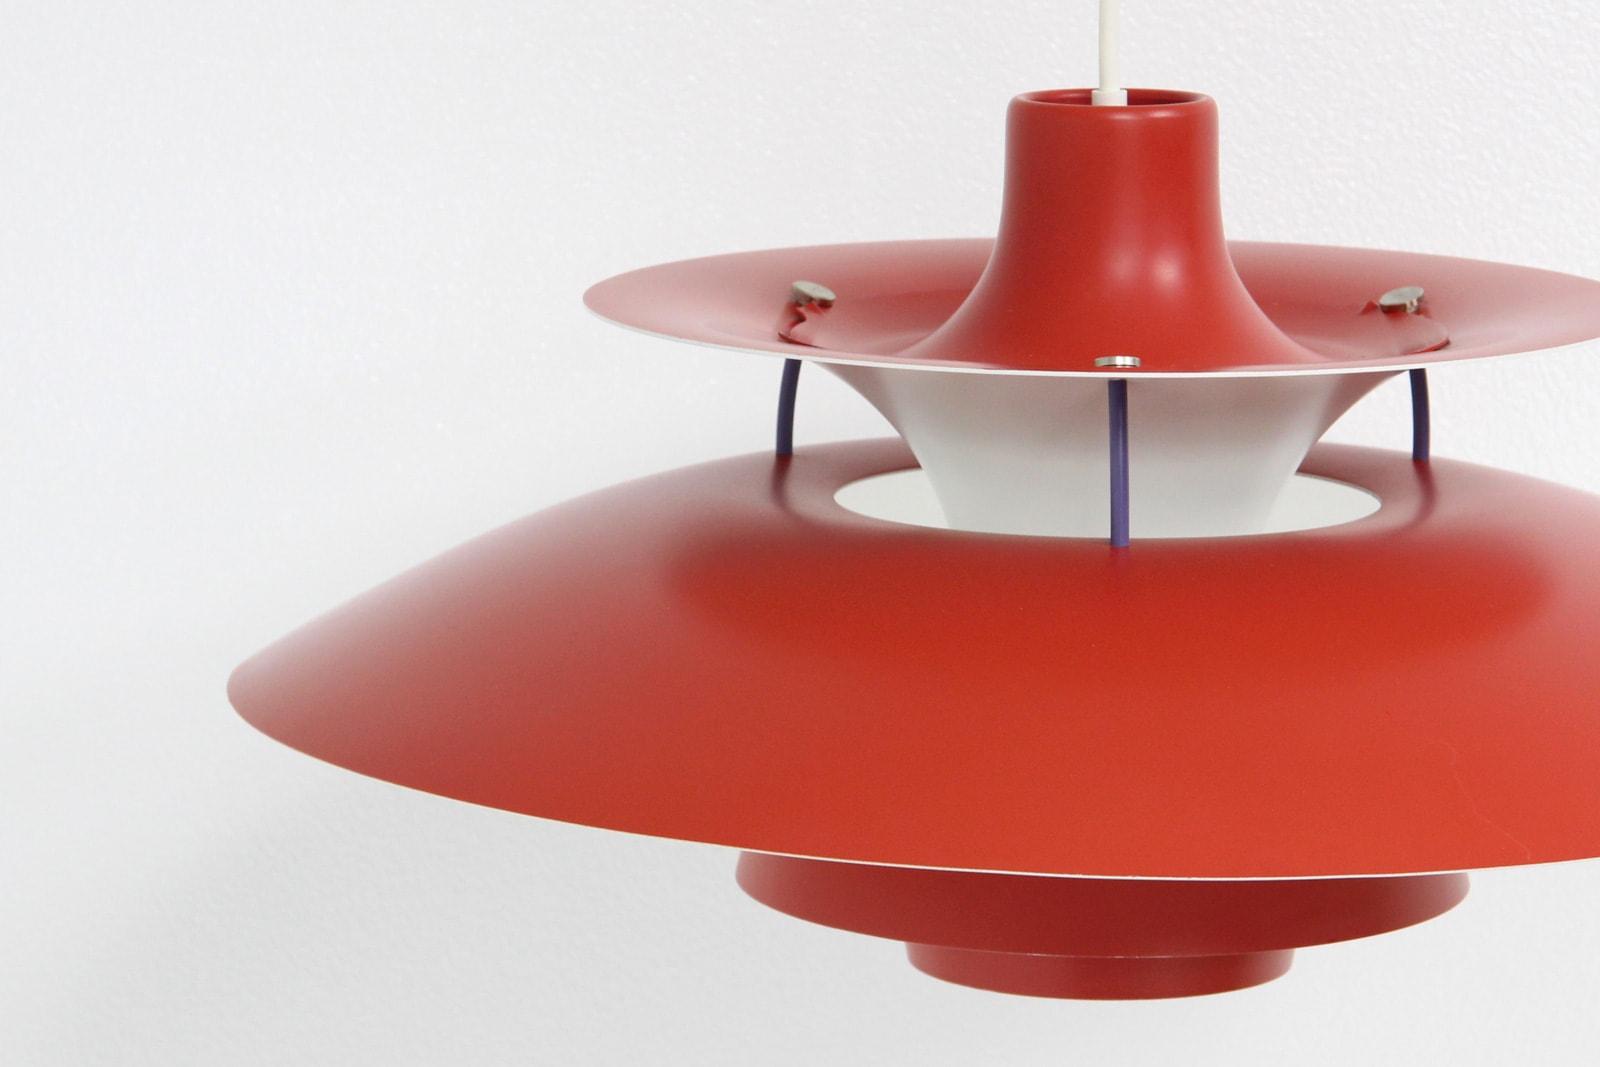 ルイスポールセンPH5,赤,ヴィンテージ,北欧,照明